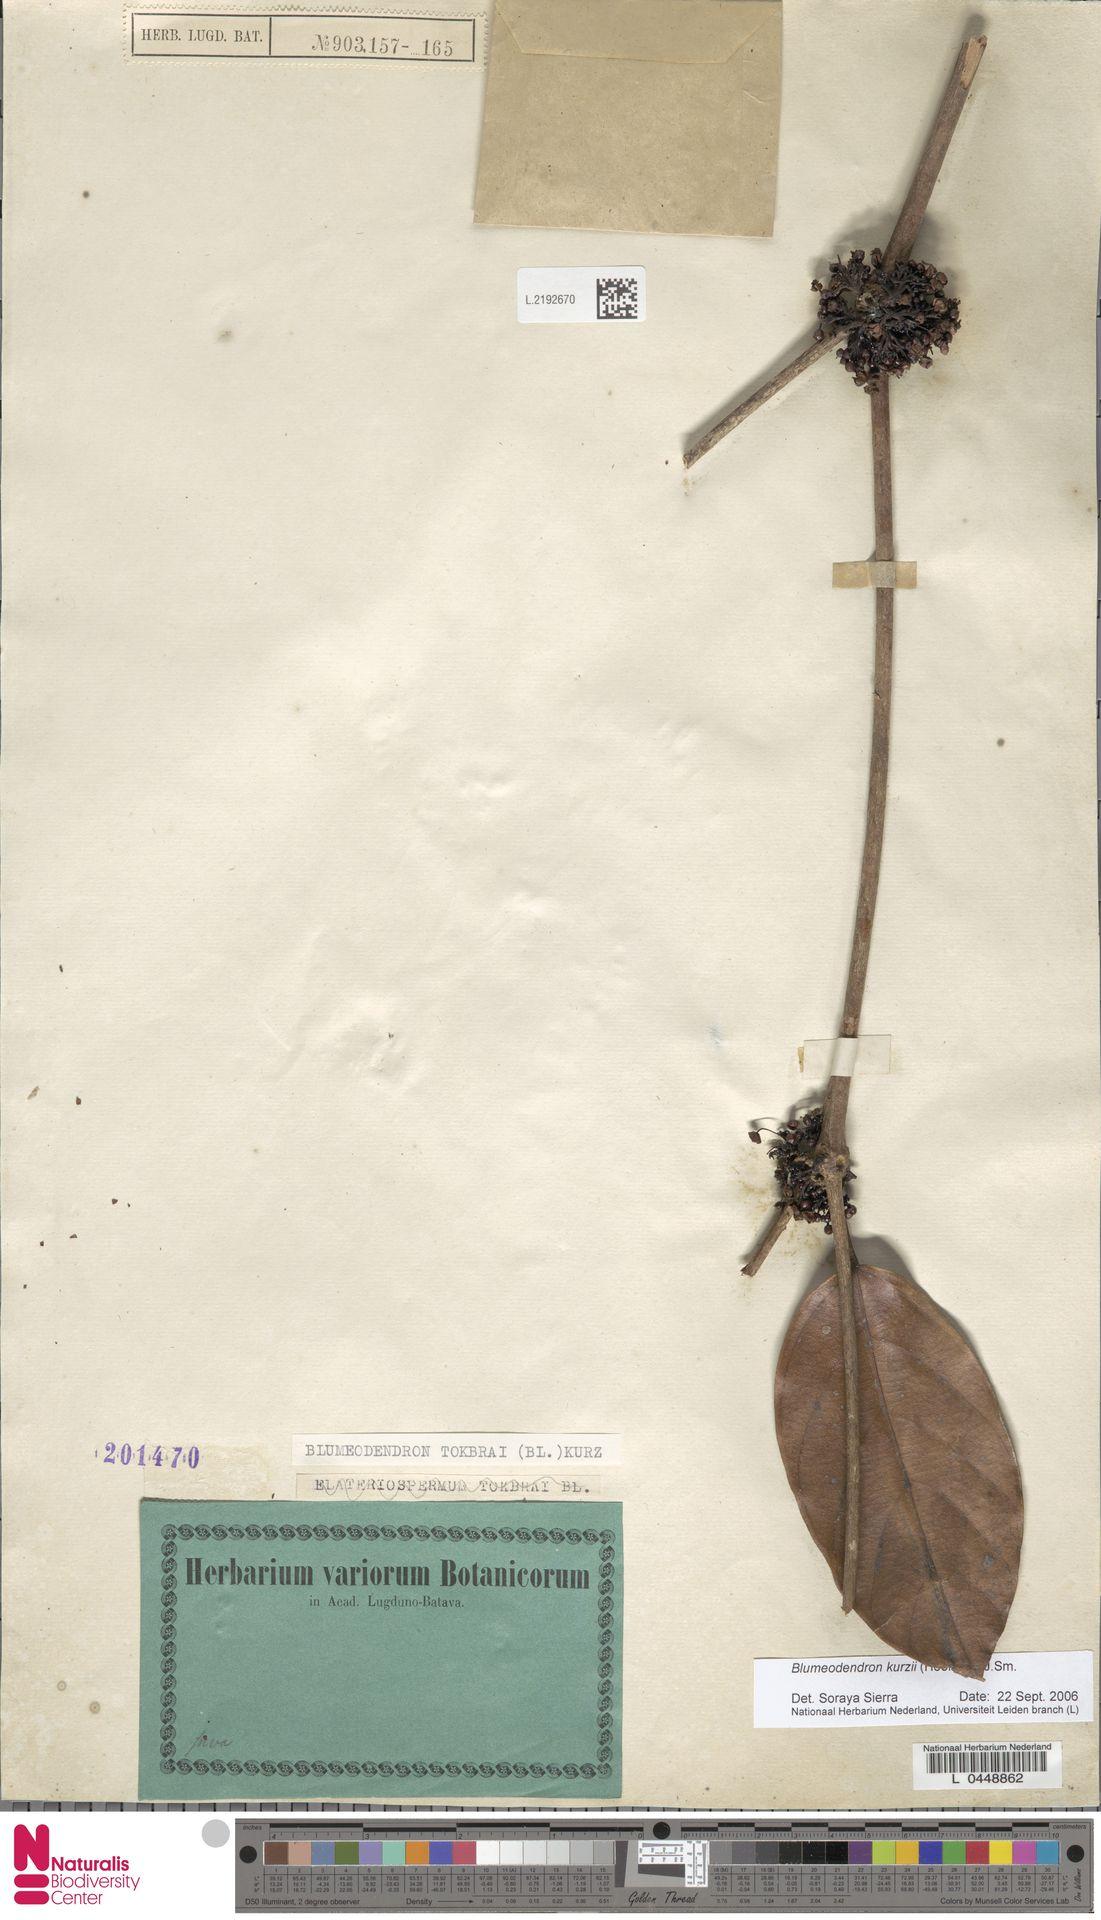 L.2192670 | Blumeodendron kurzii (Hook.f.) J.J.Sm.